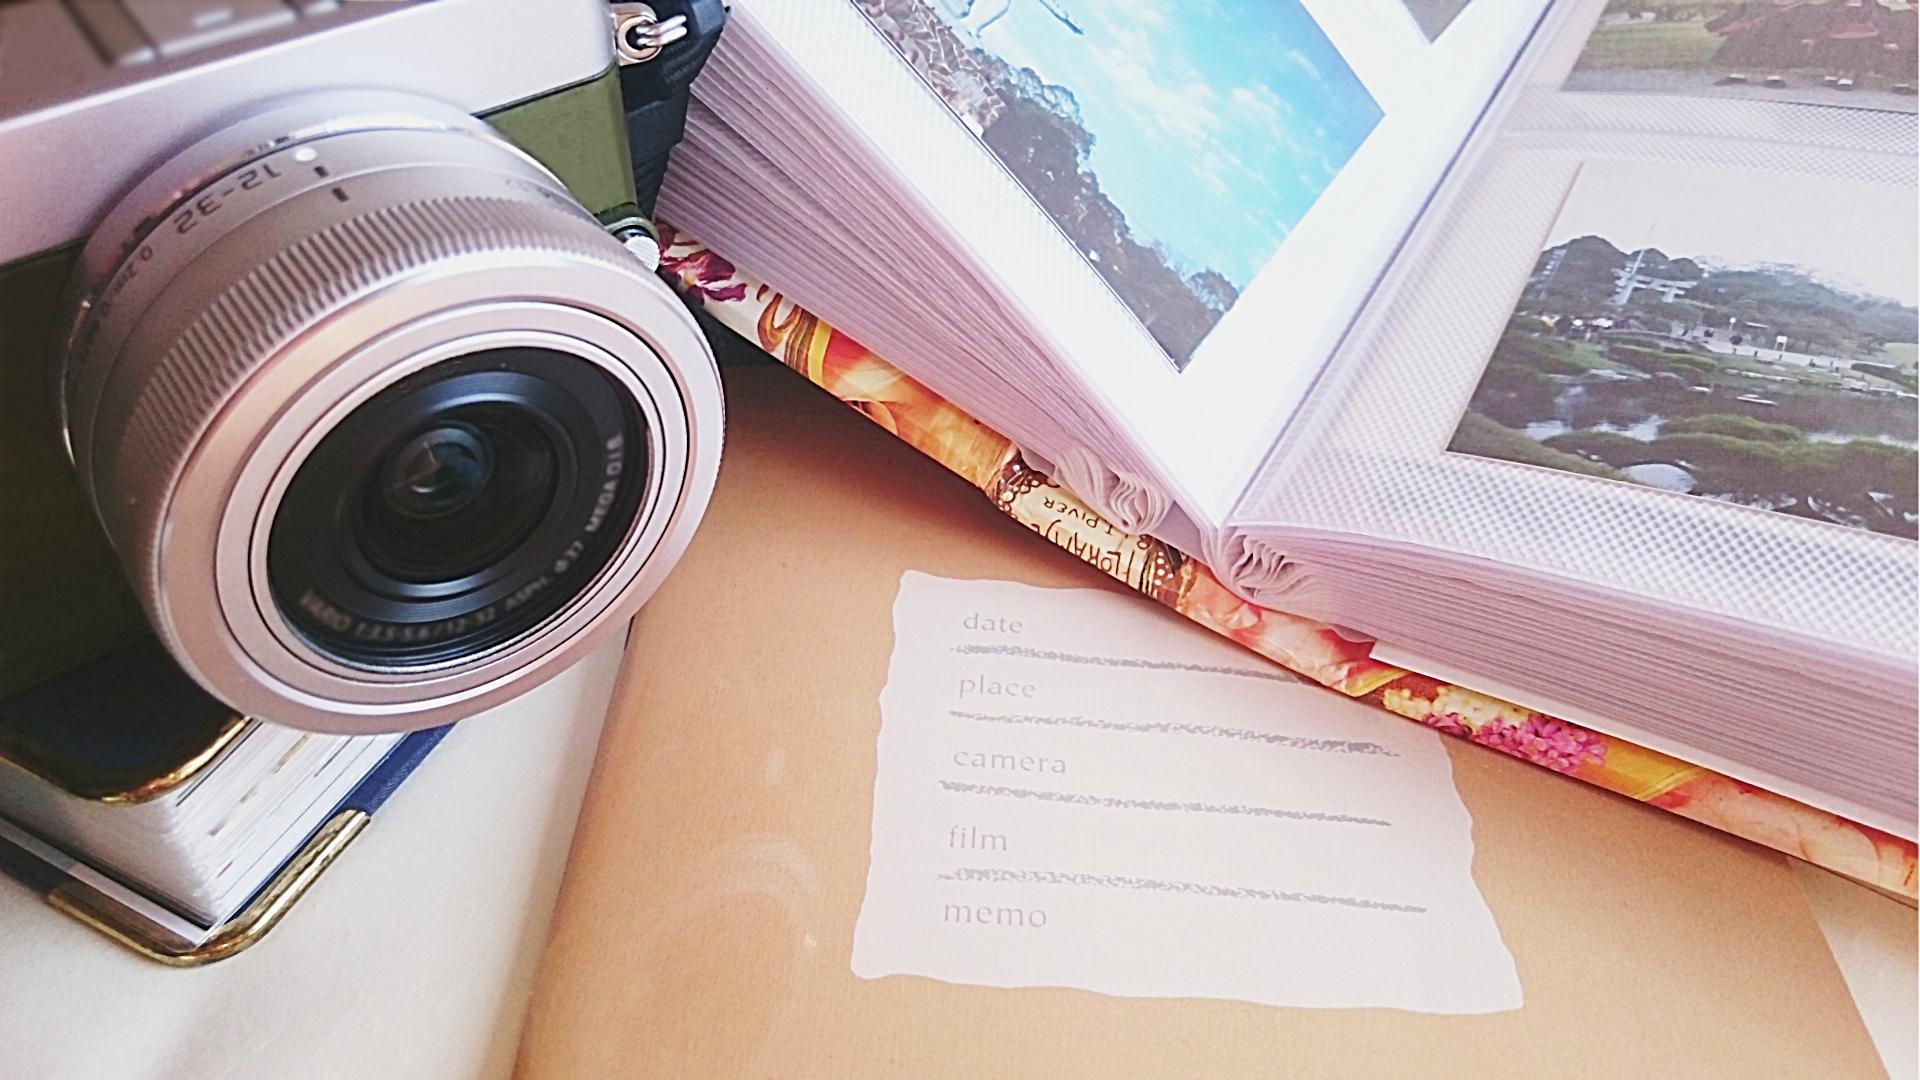 心のこもった手作りアルバムは大切な人へのプレゼントにもピッタリ♪のサムネイル画像